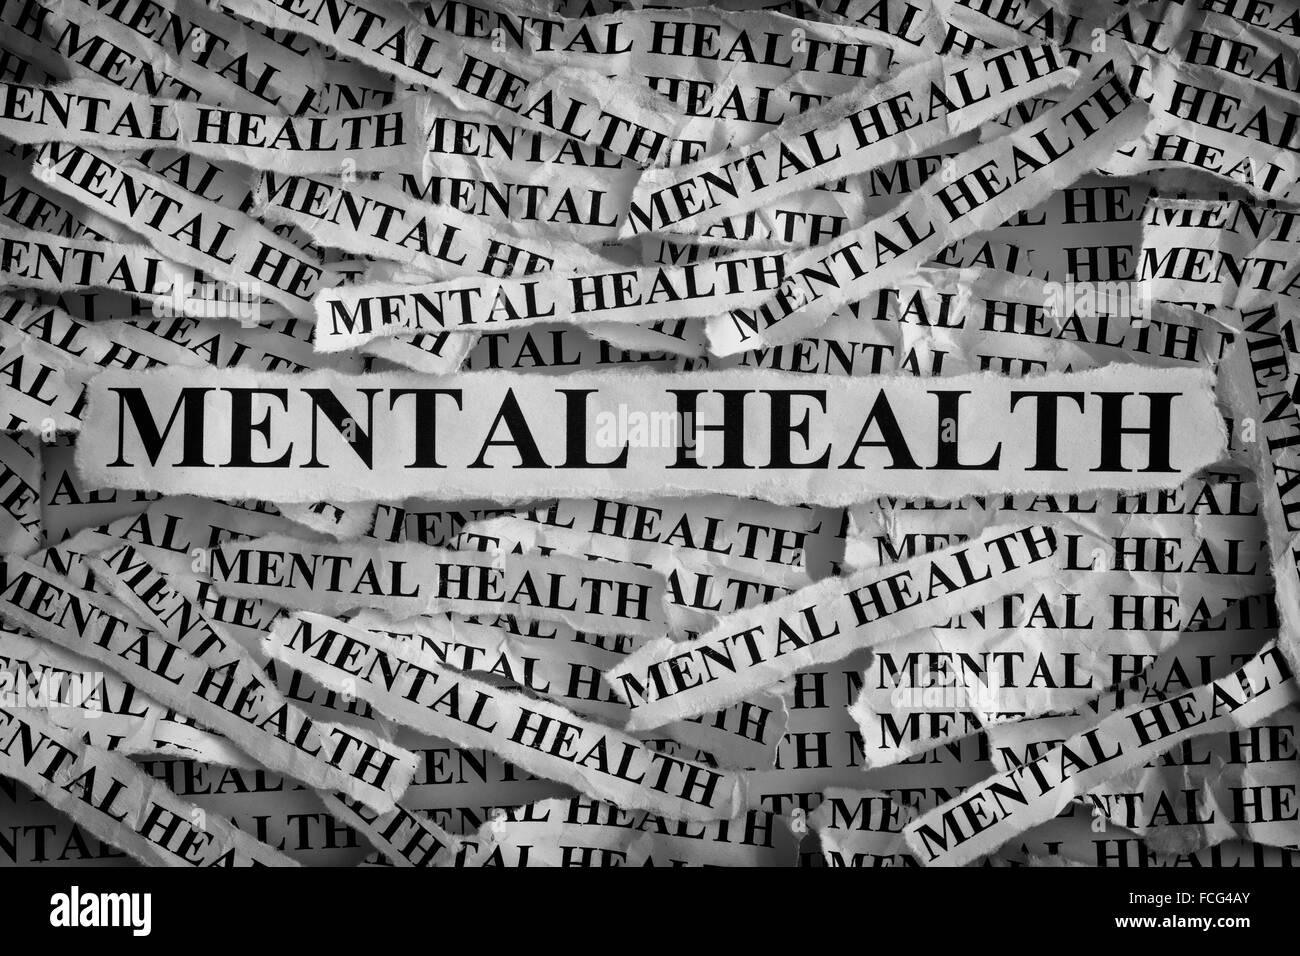 La santé mentale. Morceaux de papier avec les mots de la santé mentale. Notion de droit. Noir et blanc. Photo Stock